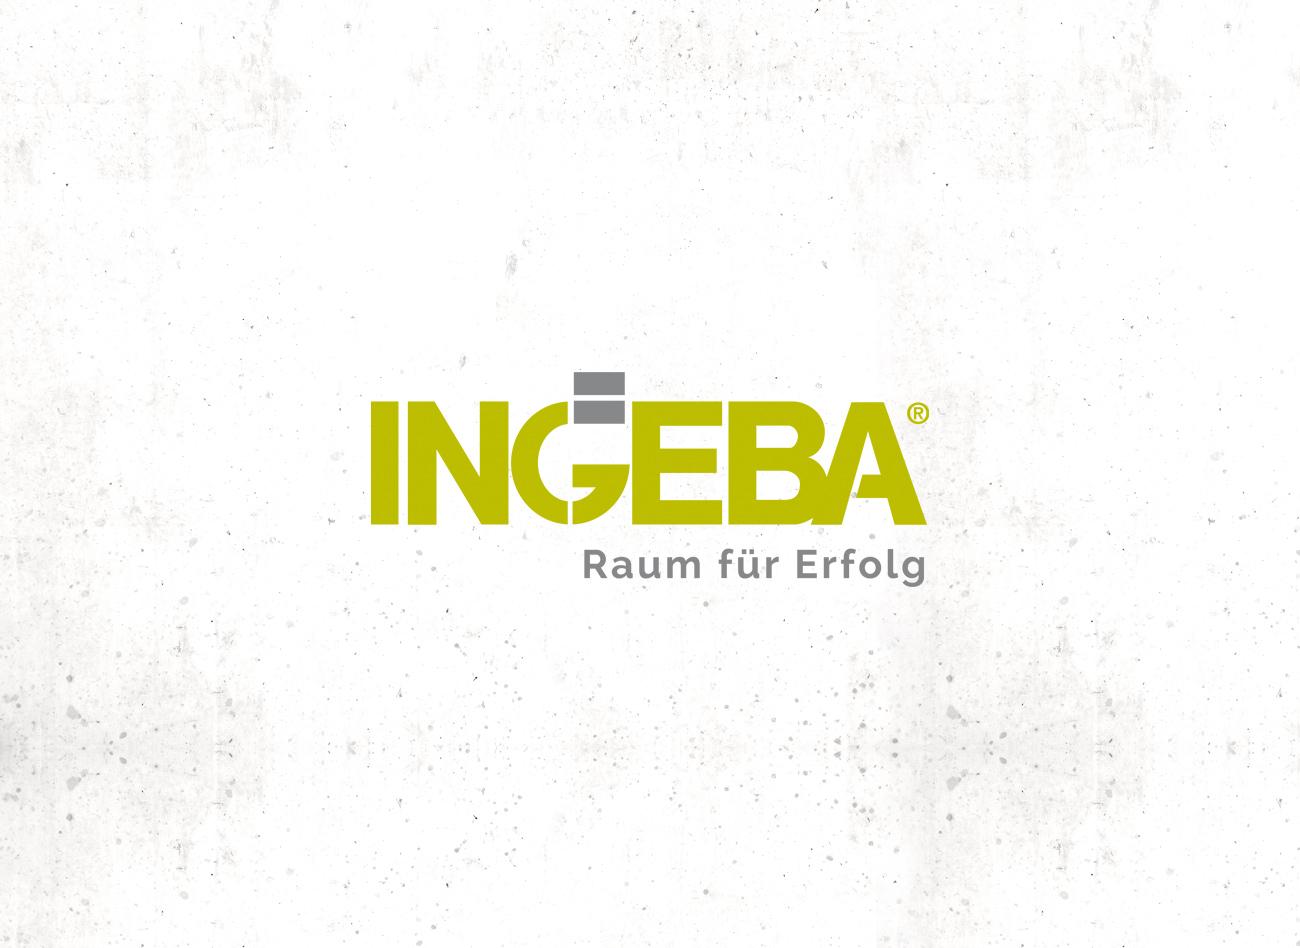 Logogestaltung / Ingeba